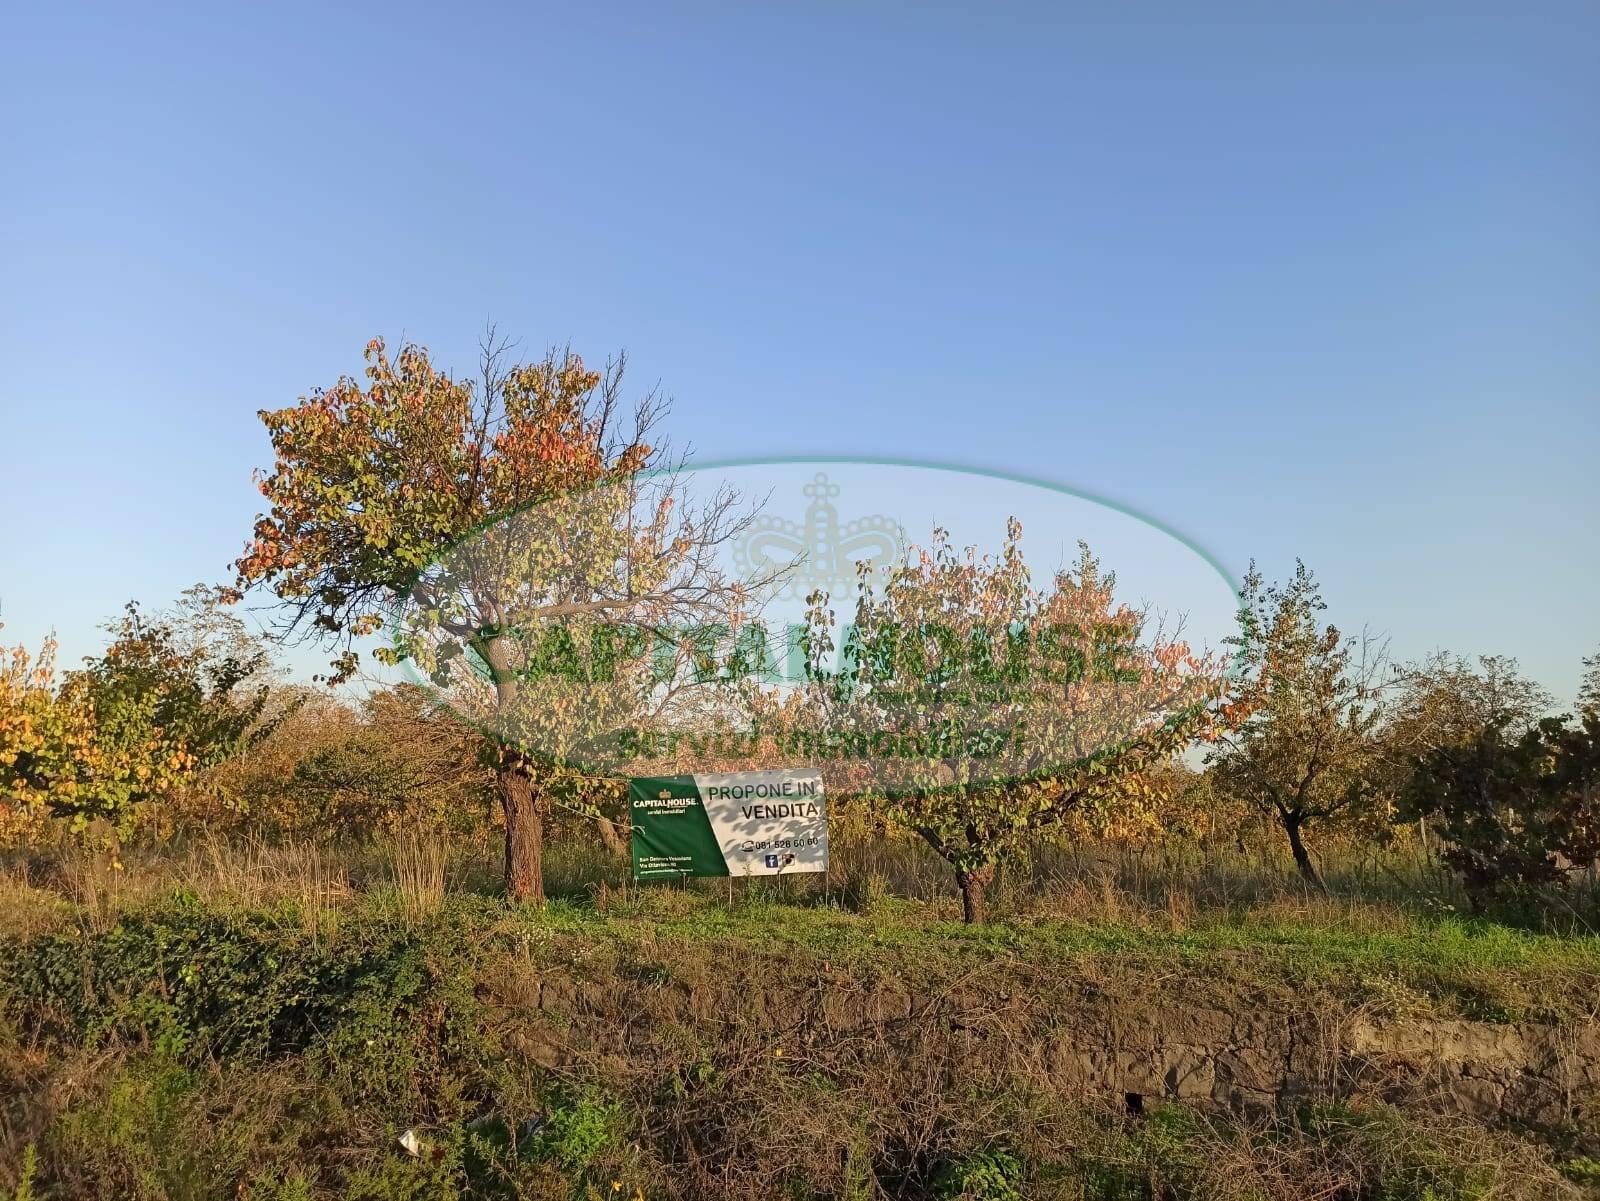 Terreno Agricolo in vendita a Ottaviano, 9999 locali, prezzo € 8.000 | CambioCasa.it